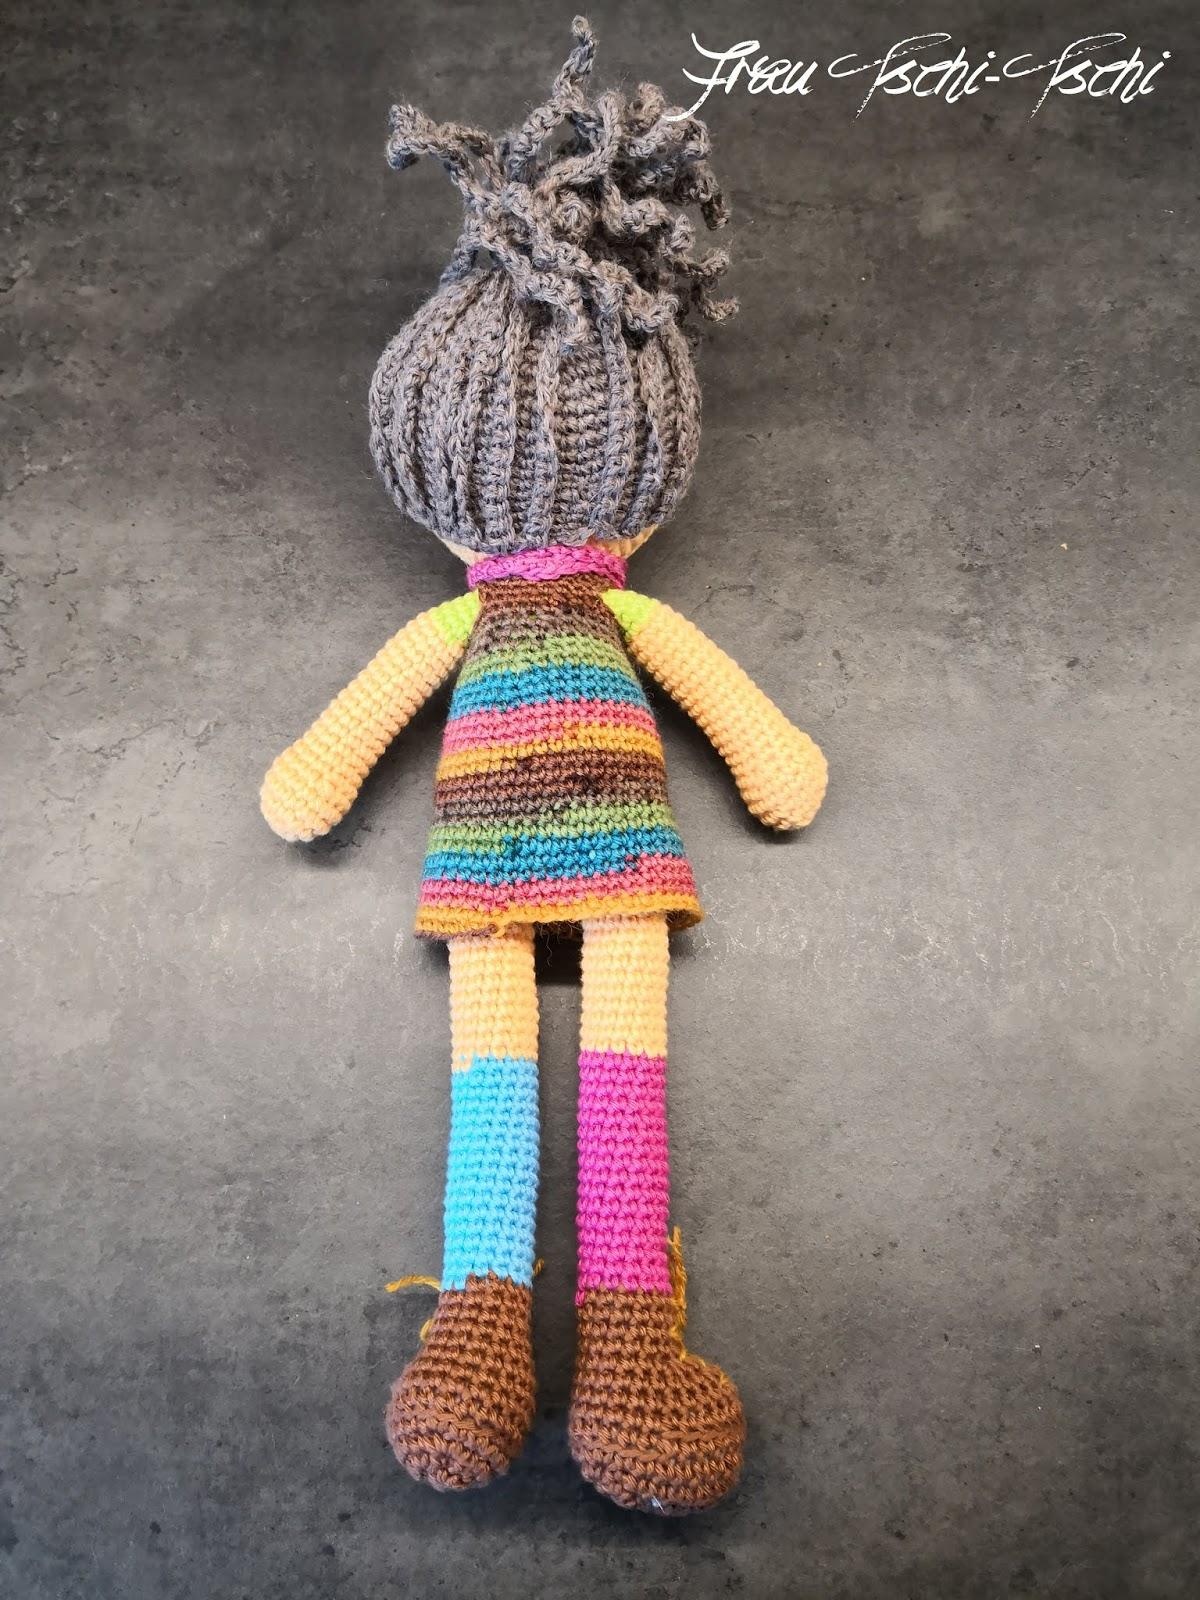 H\u00e4kelanleitung Amigurumi Puppe LISA